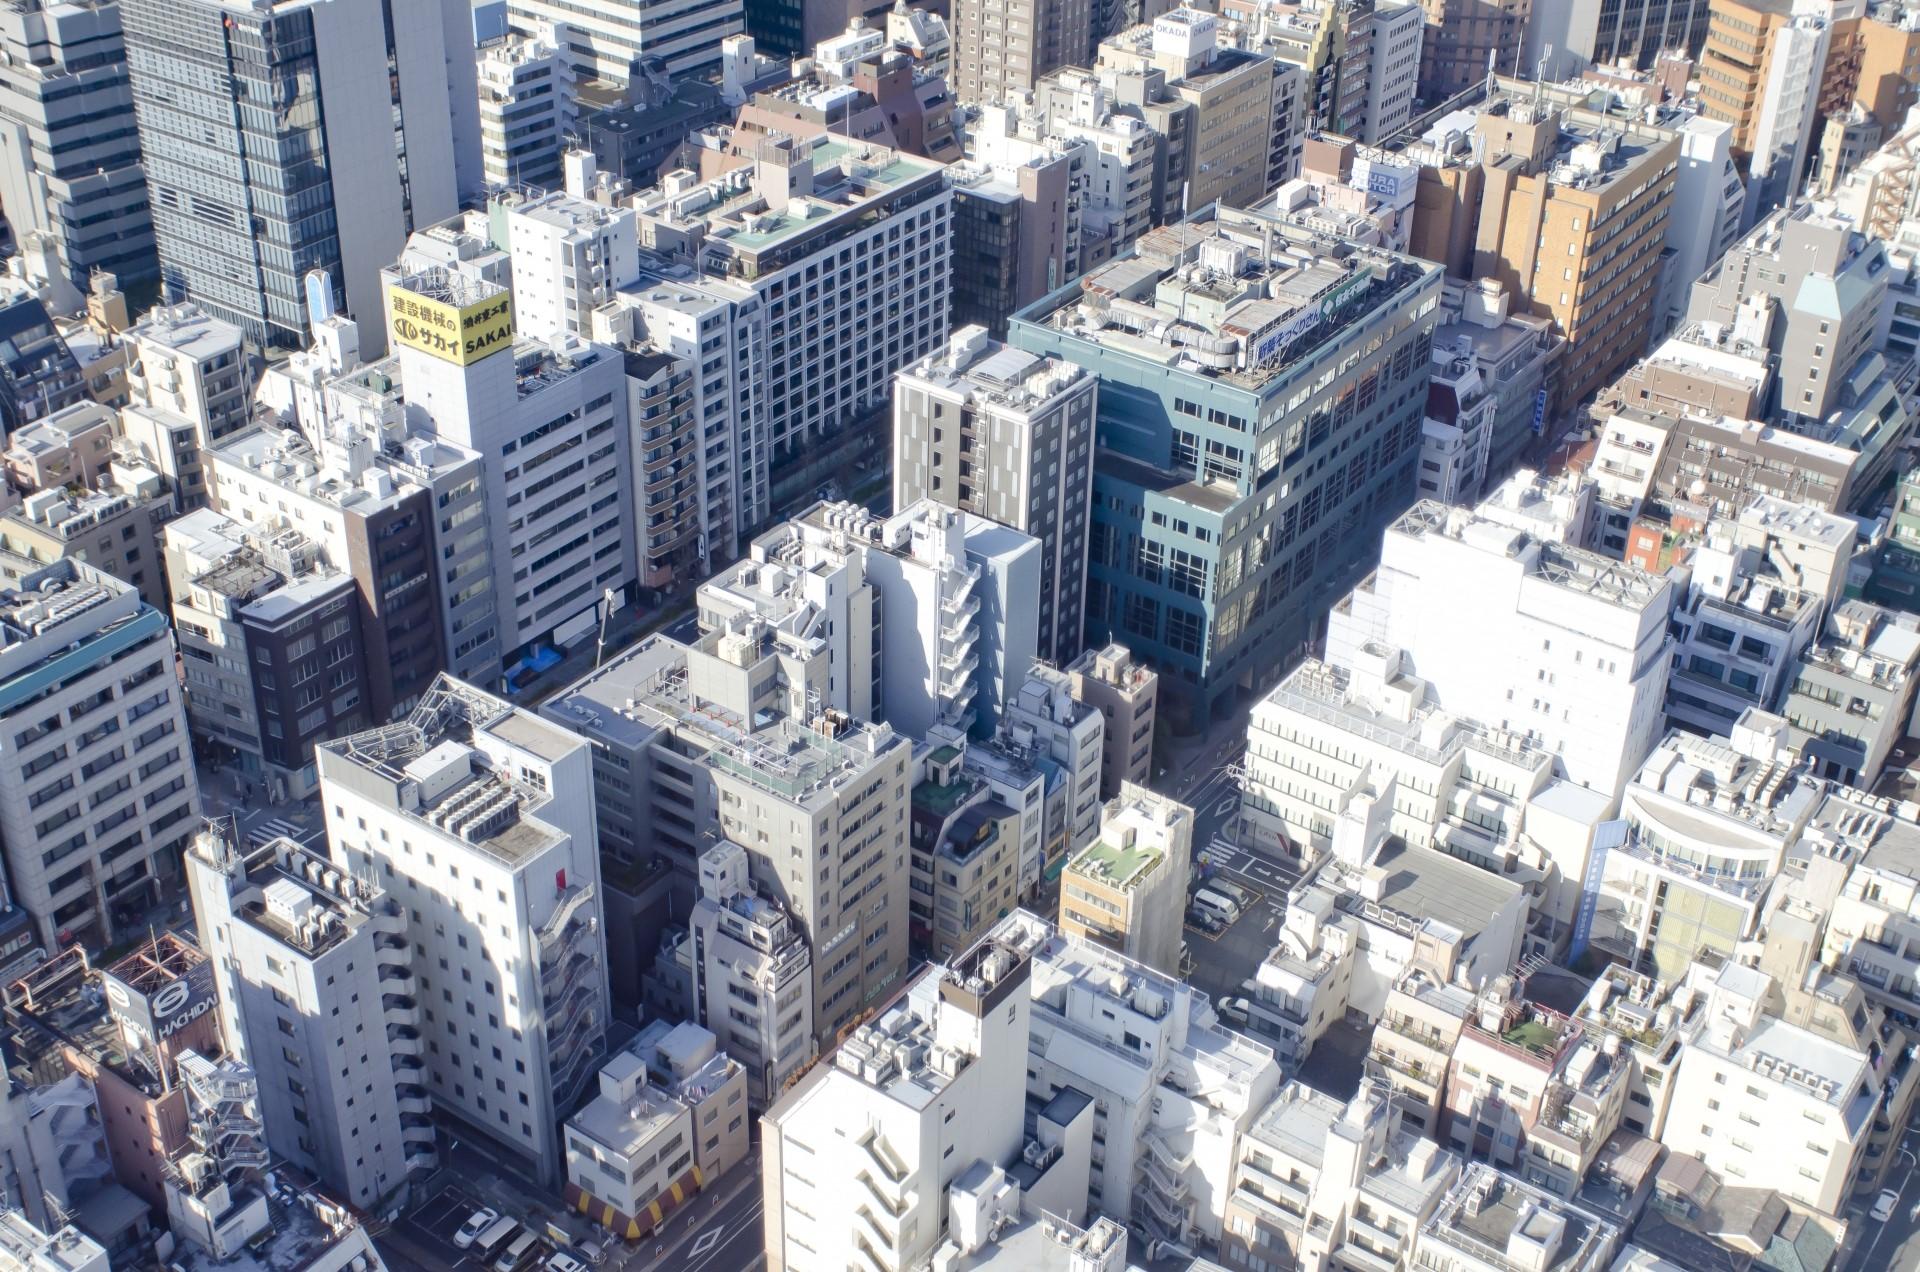 再 指針 事業 構築 「事業再構築指針」のわかりやすい解説【事業再構築補助金】